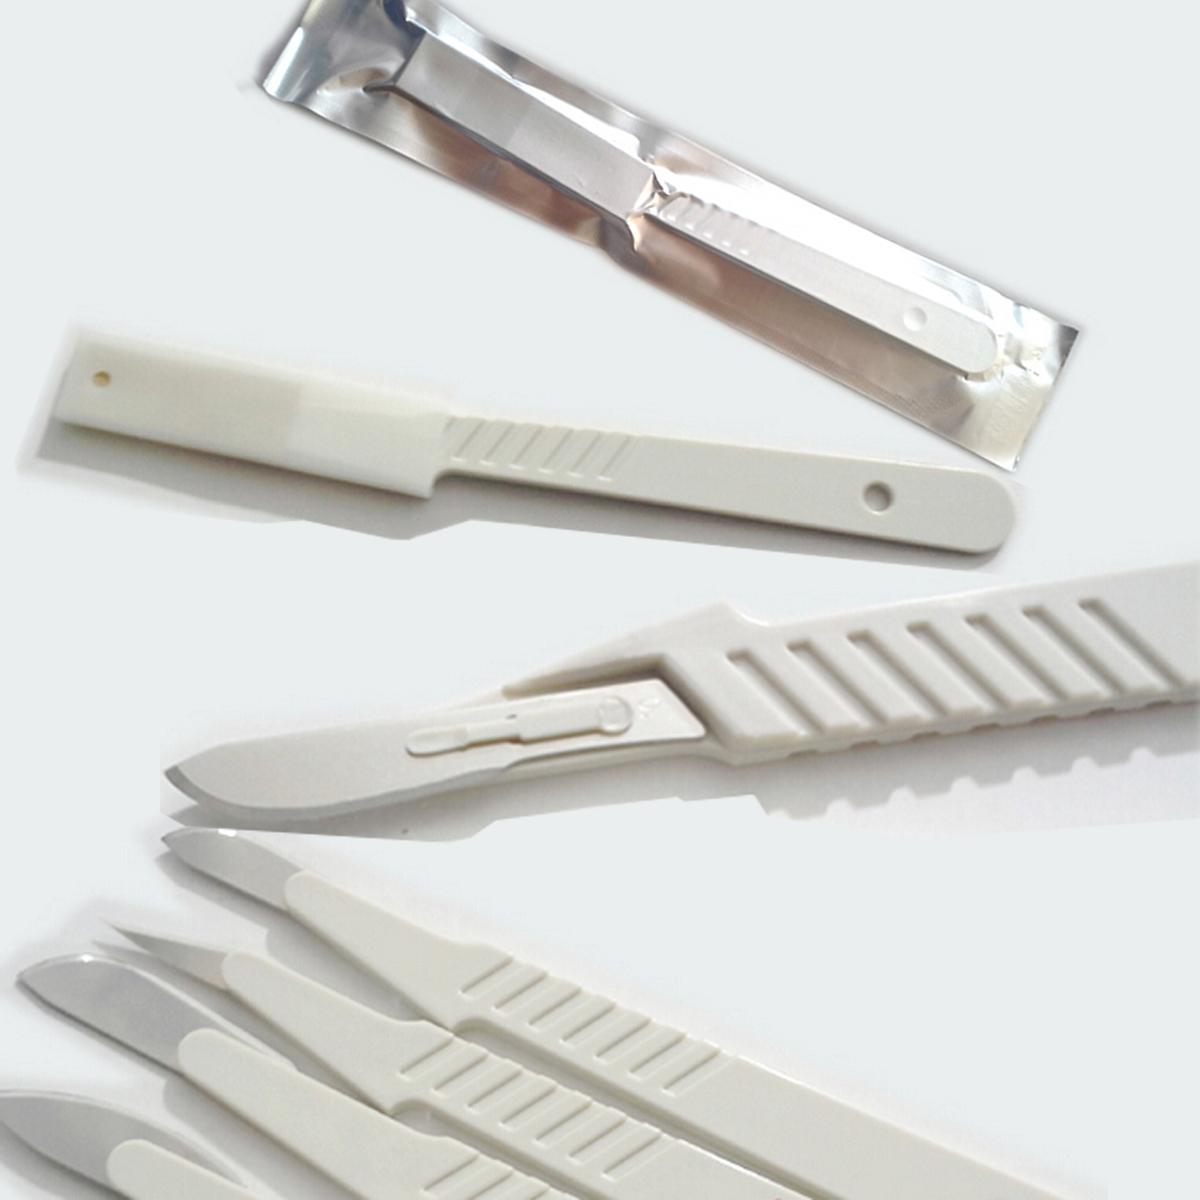 一次性无菌解剖刀(塑料柄)